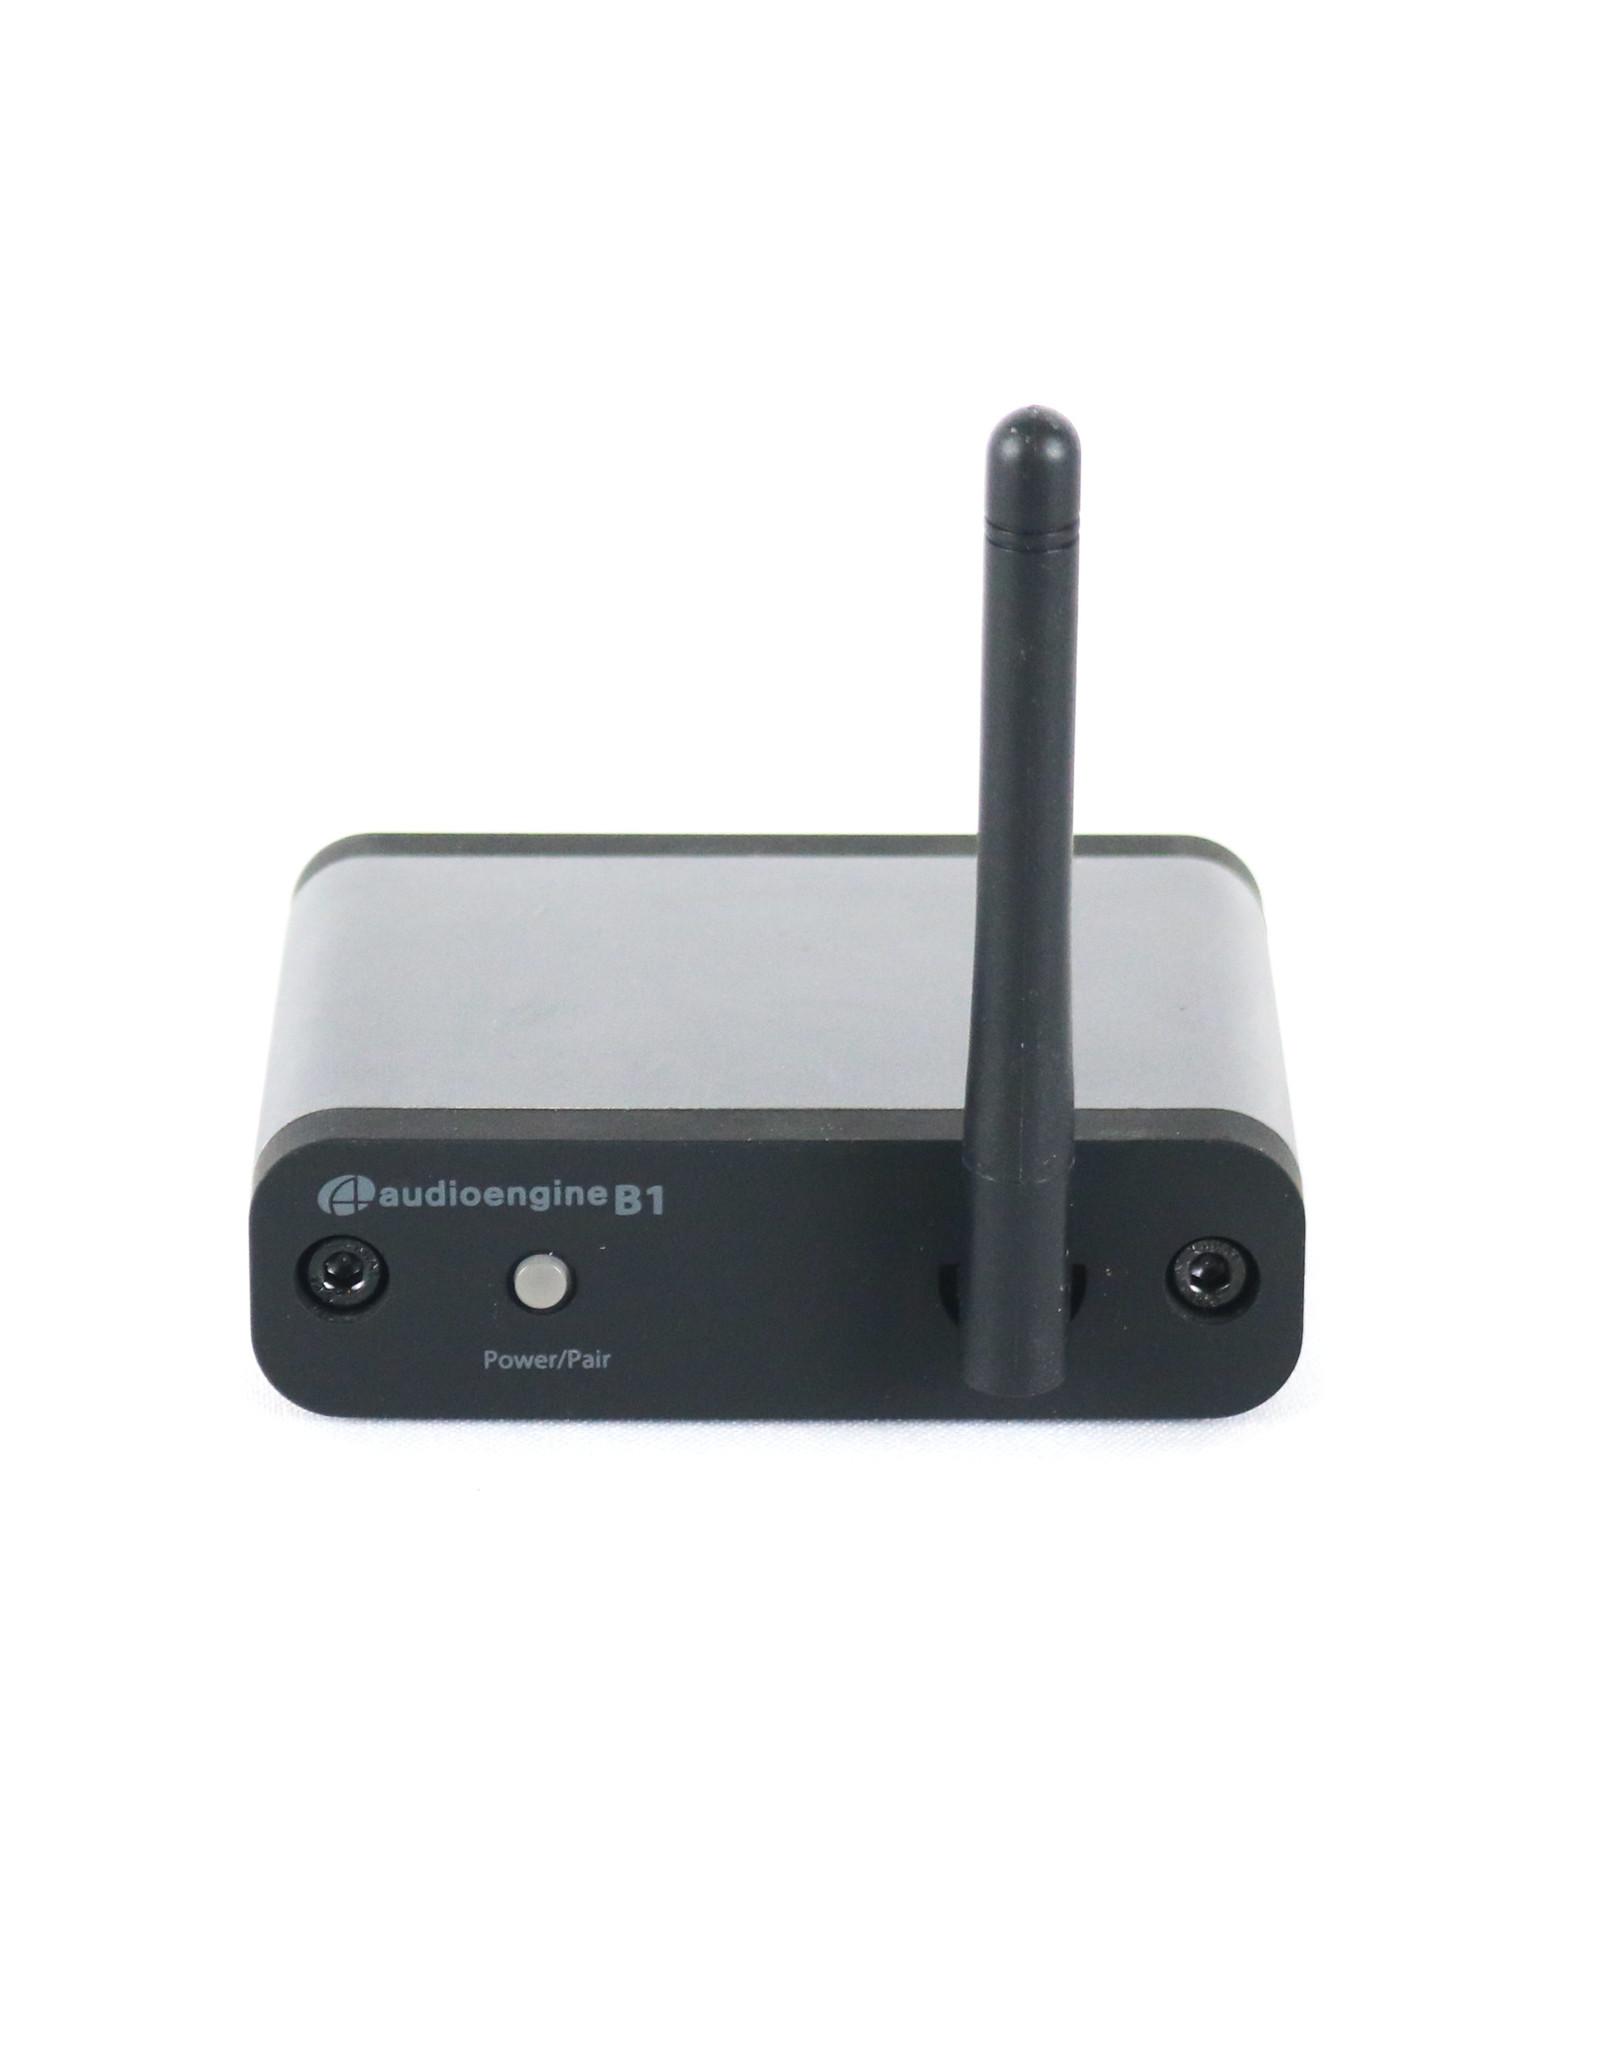 Audioengine Audioengine B1 Bluetooth Receiver USED